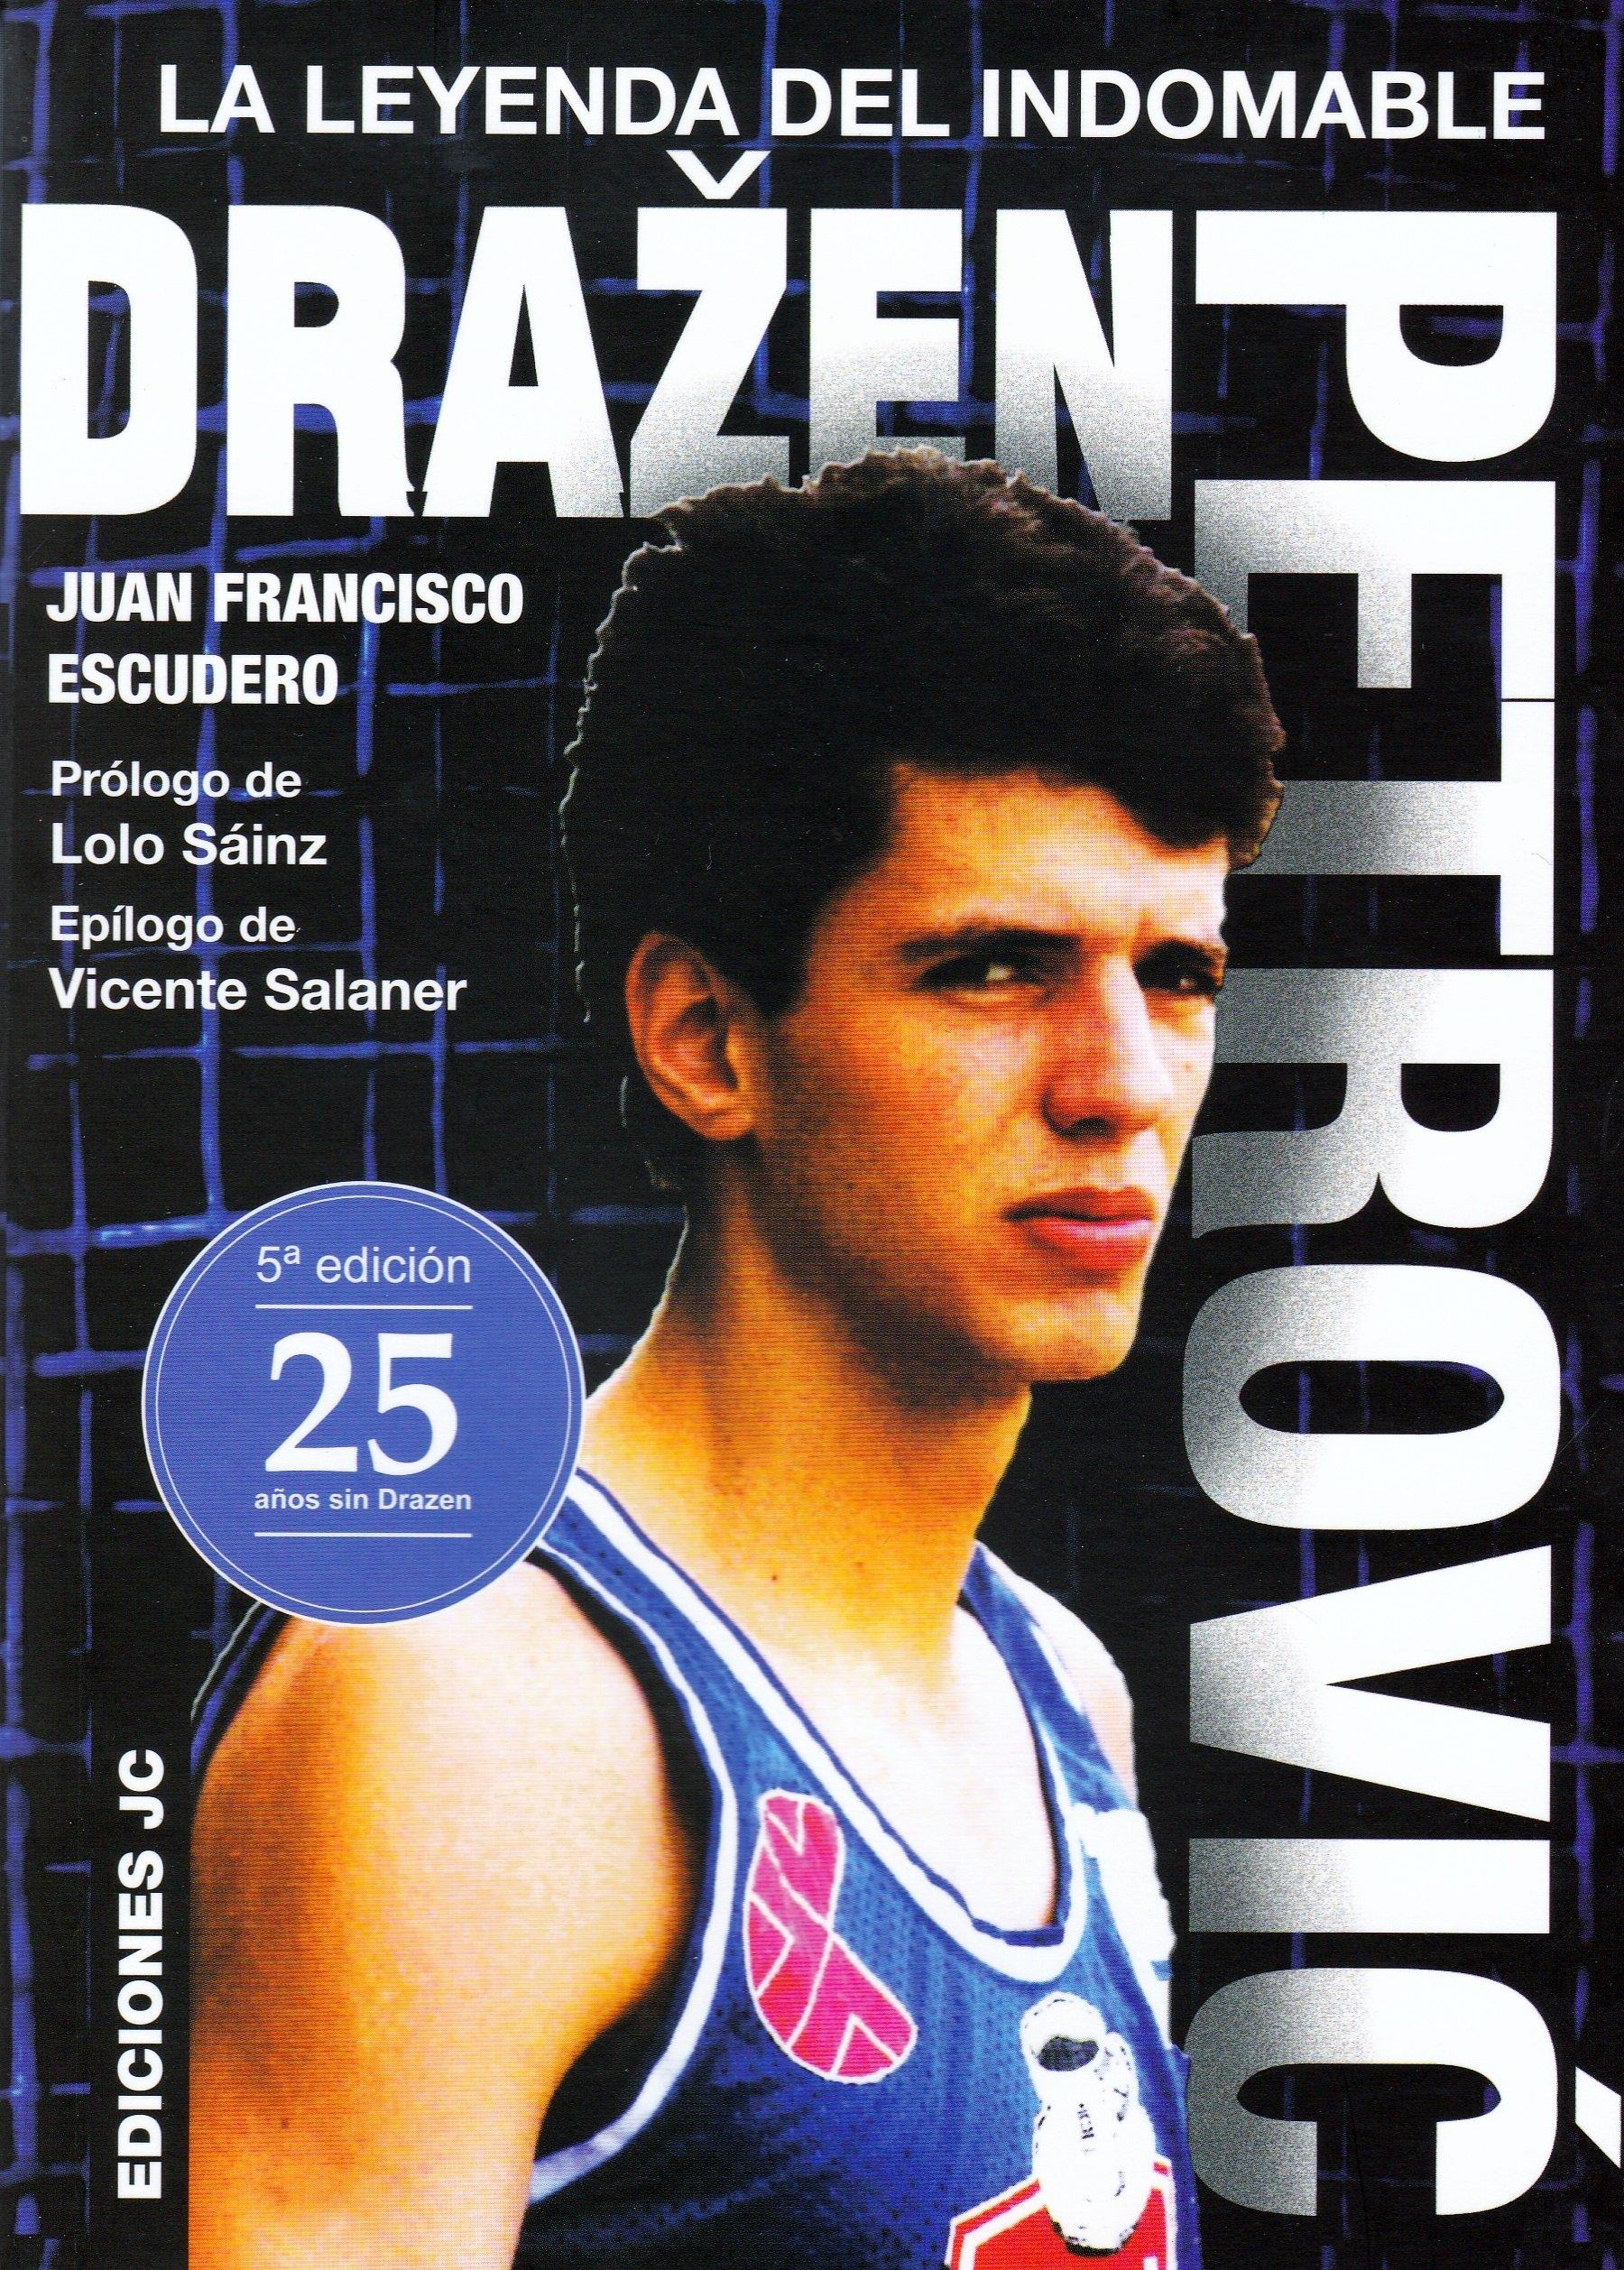 Drazen Petrovic. La leyenda del indomable (Baloncesto para leer) Tapa blanda – 14 may 2018 Ediciones JC 8415448341 Basketball WSJM